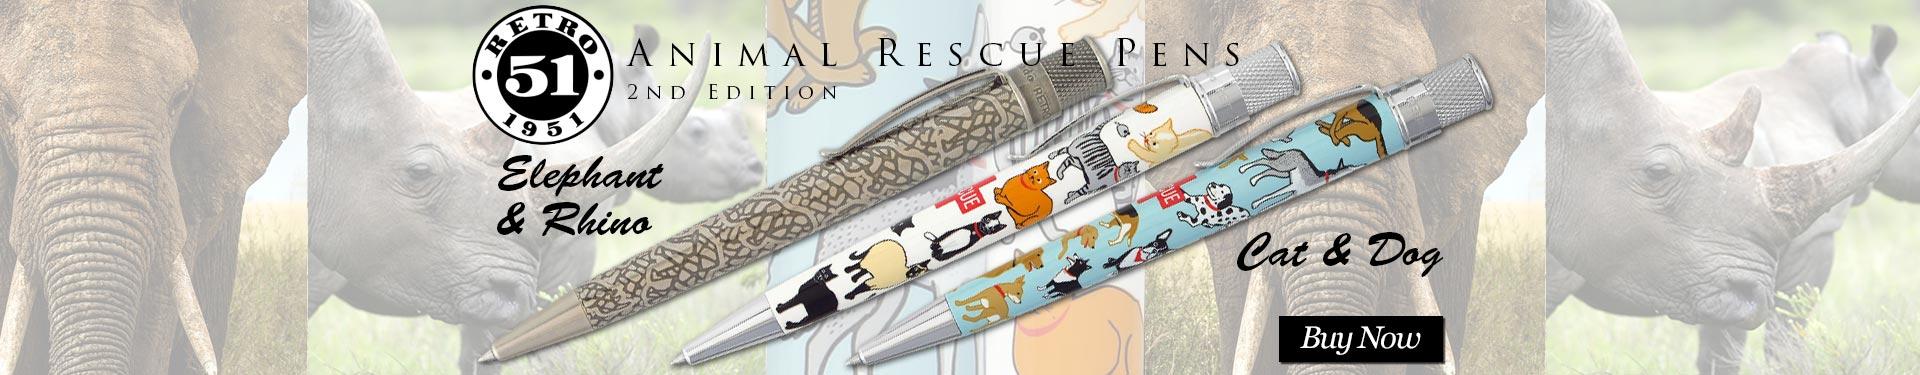 Retro 51 Animal Rescue Pens